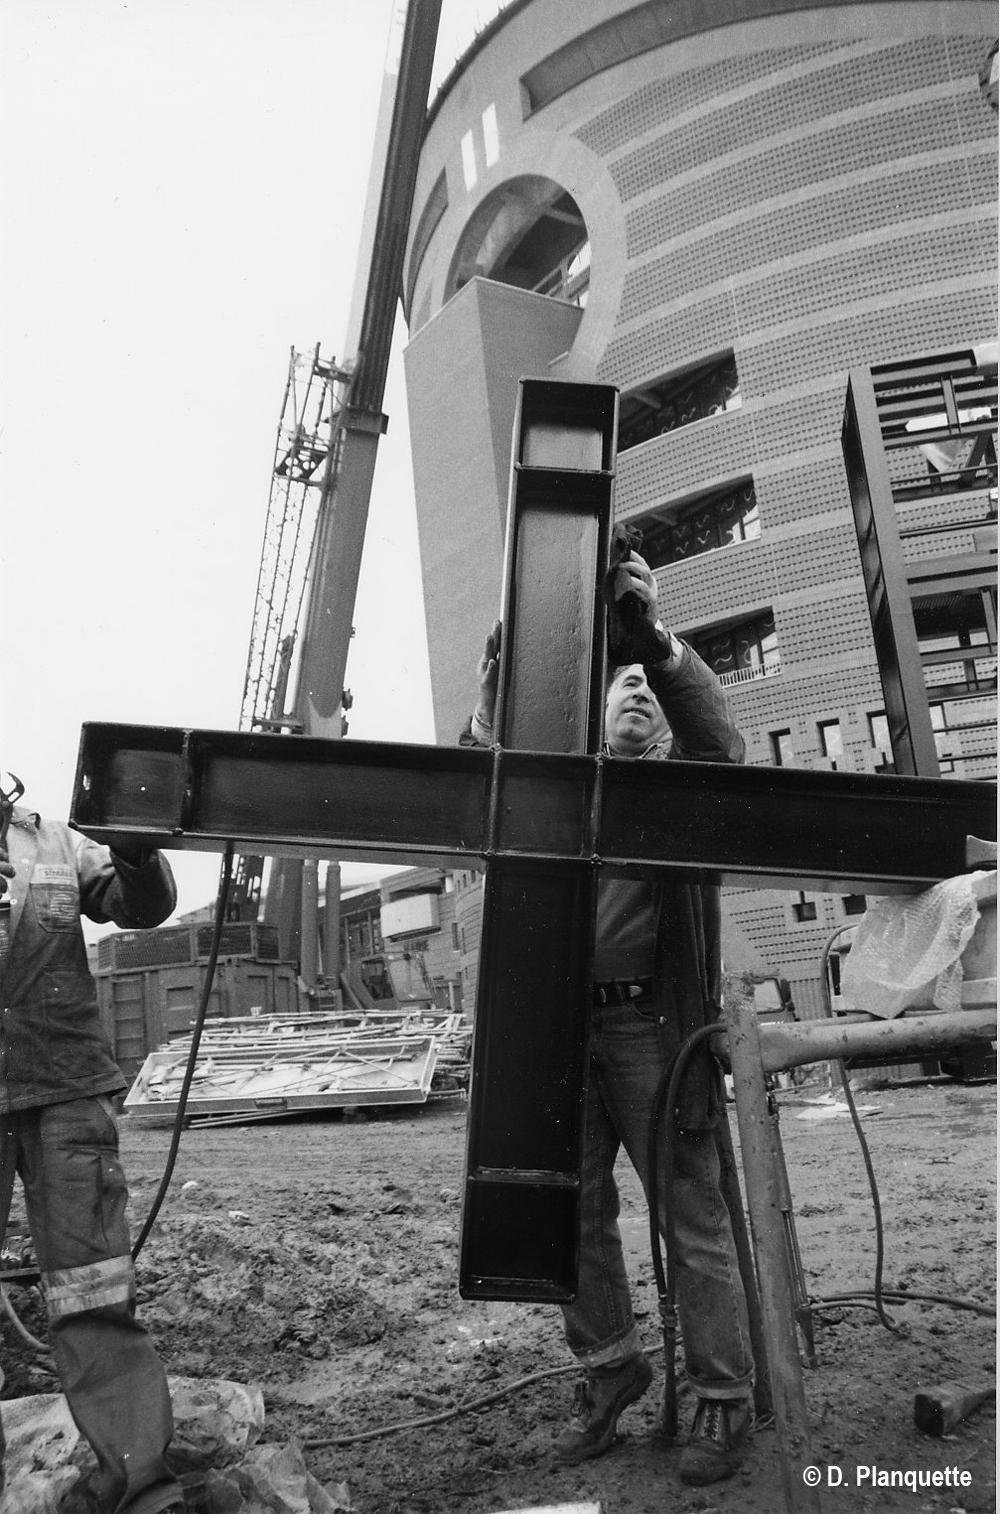 Cathédrale d'EVRY: nettoyage de la croix extérieure